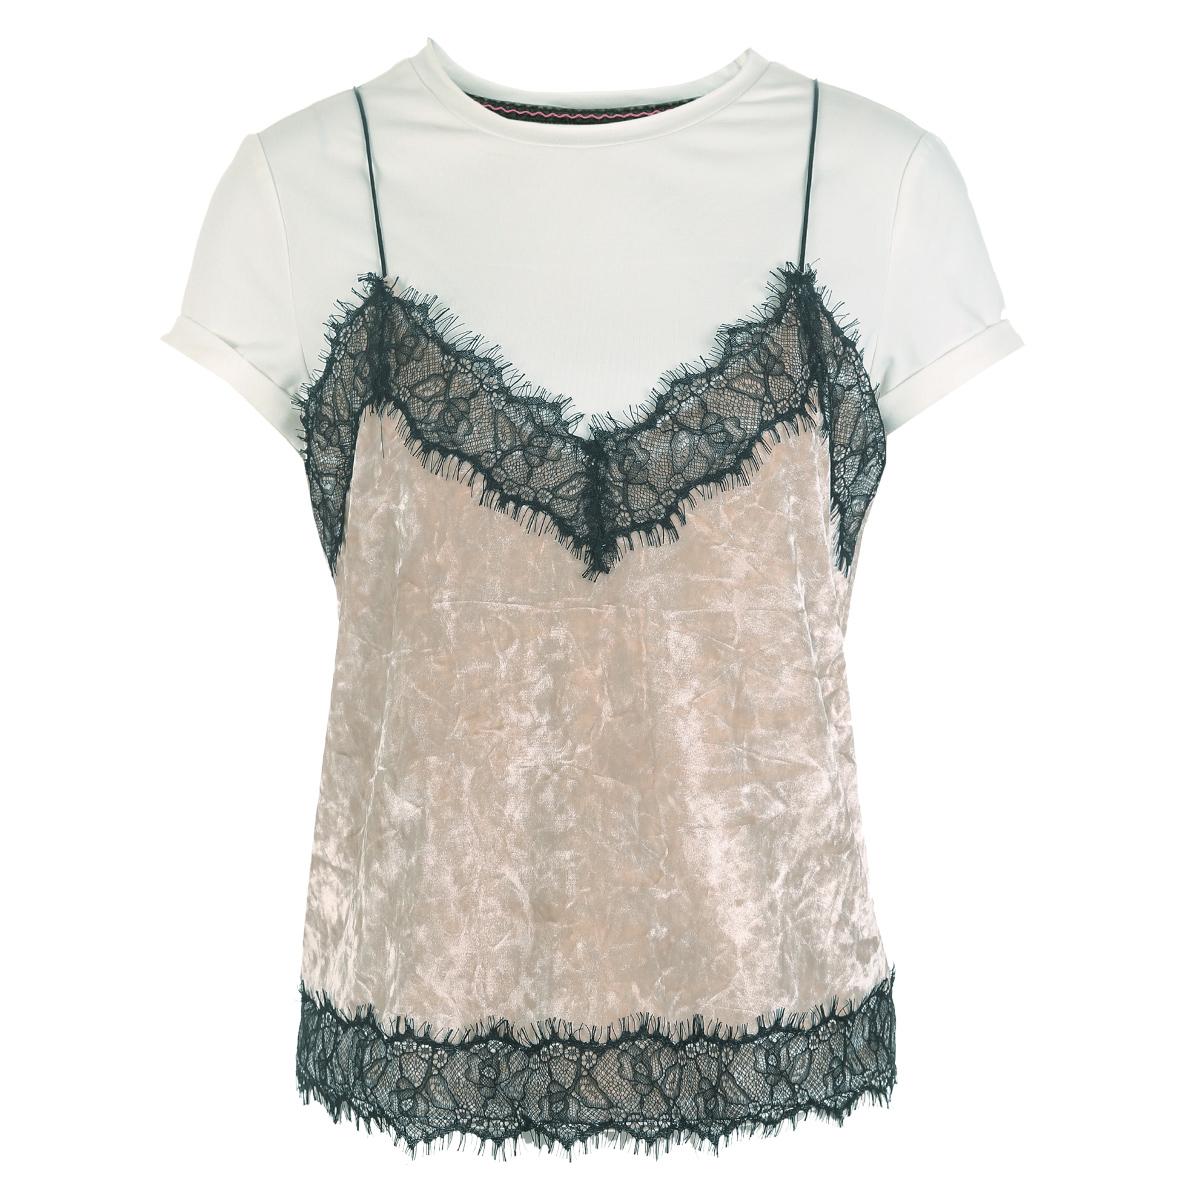 ONLY春新蕾丝拼接丝绒吊带半袖两件套女|117201562